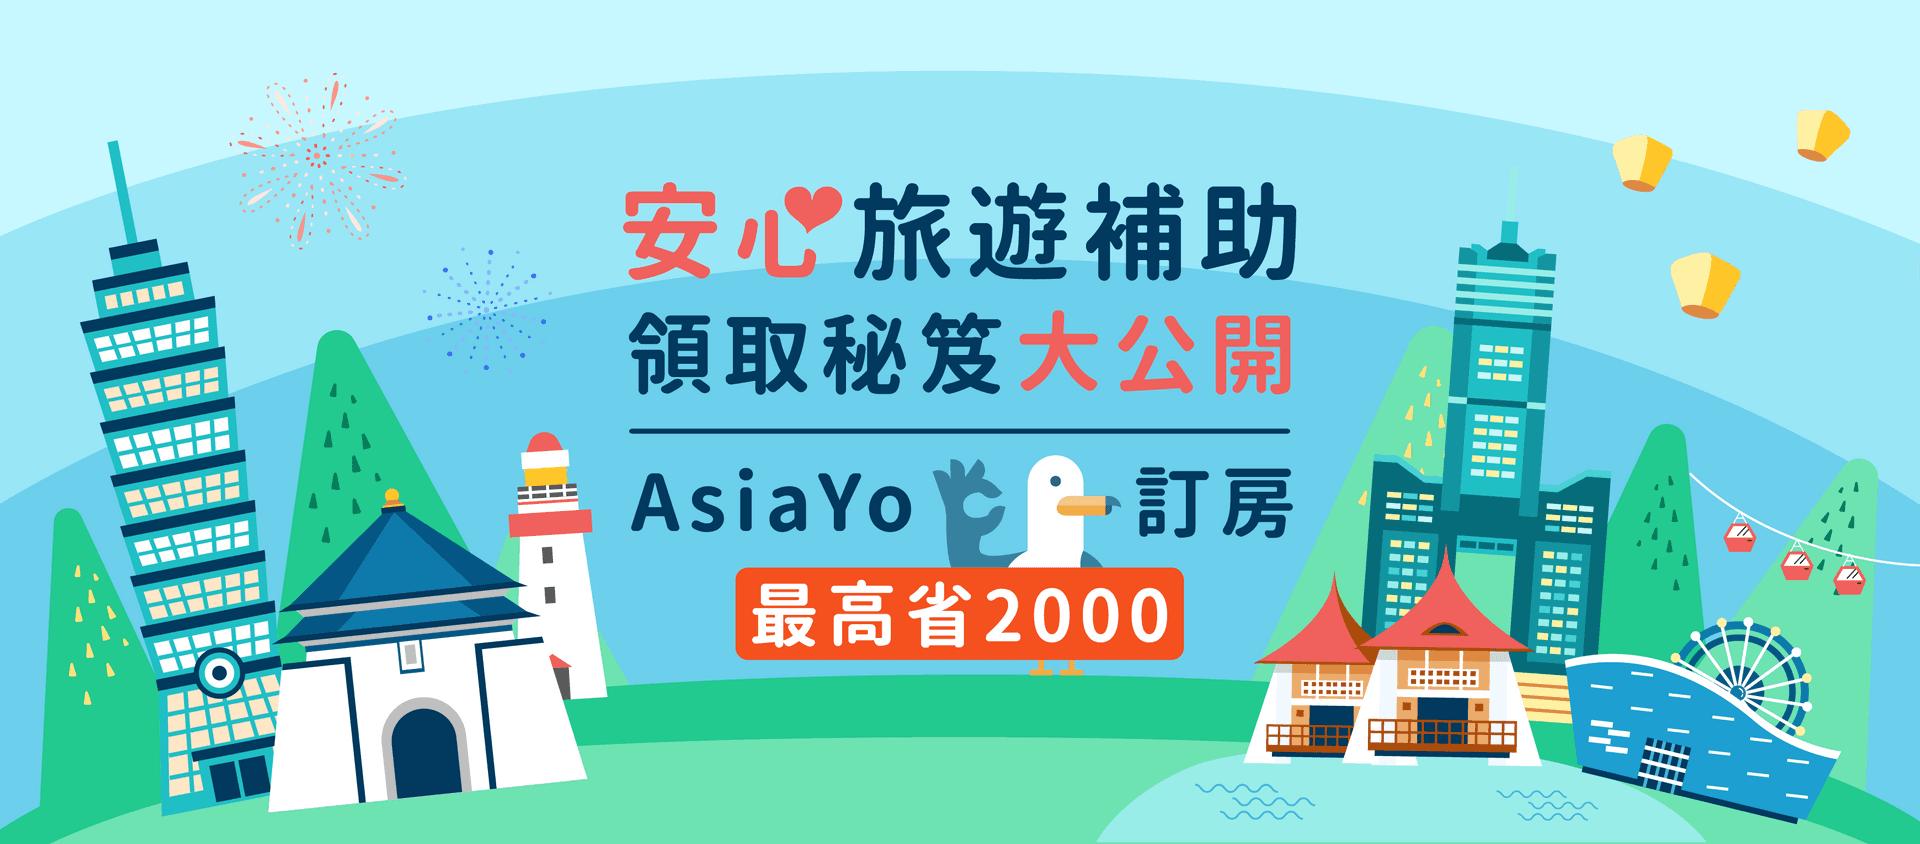 12月最新【2020 AsiaYo優惠】AsiaYo折扣碼整理+5%啾啾專屬讀者優惠 @ 啾啾の旅行紀錄 :: 痞客邦